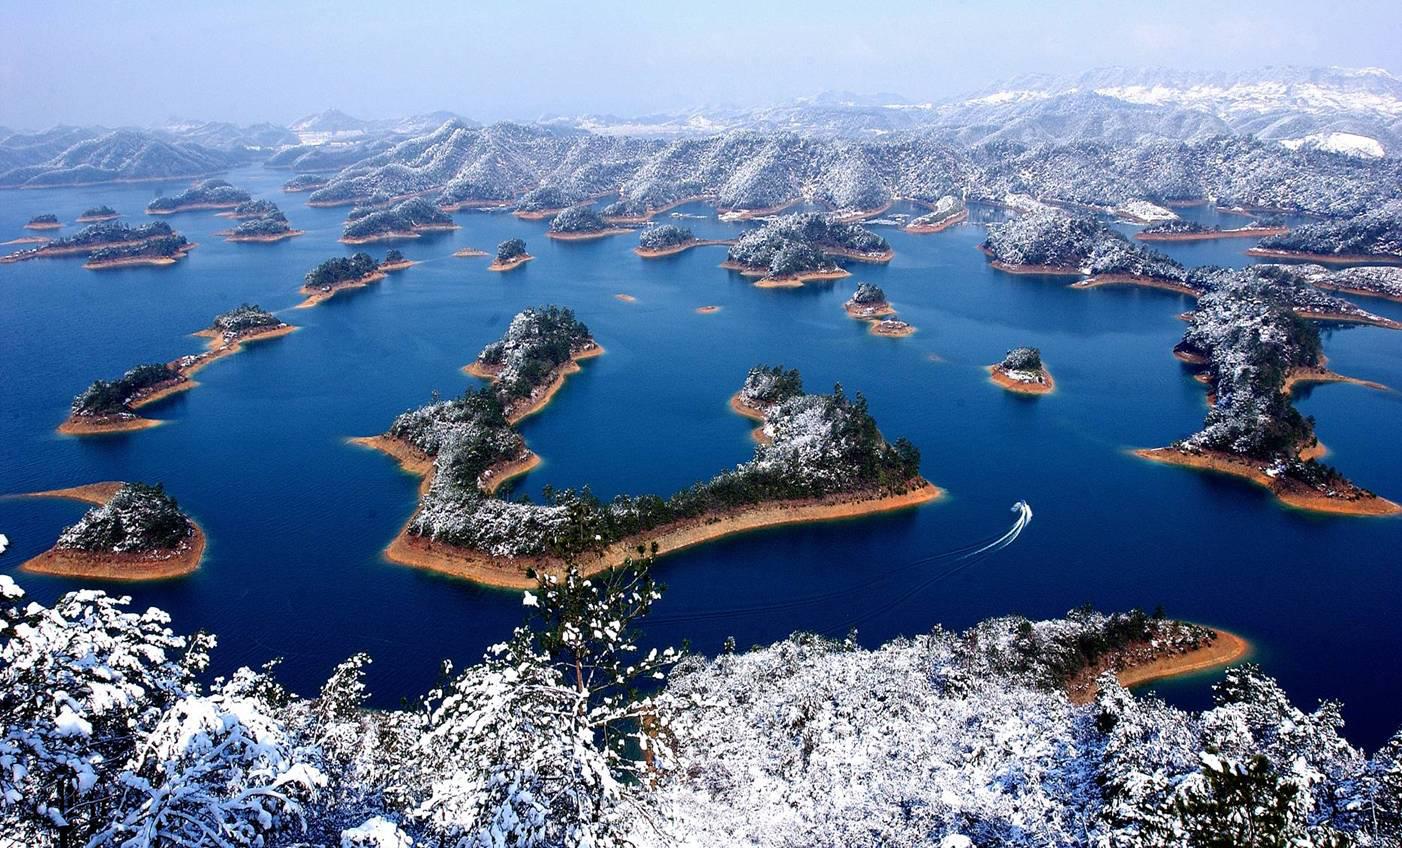 Qiandao Lake in Snow